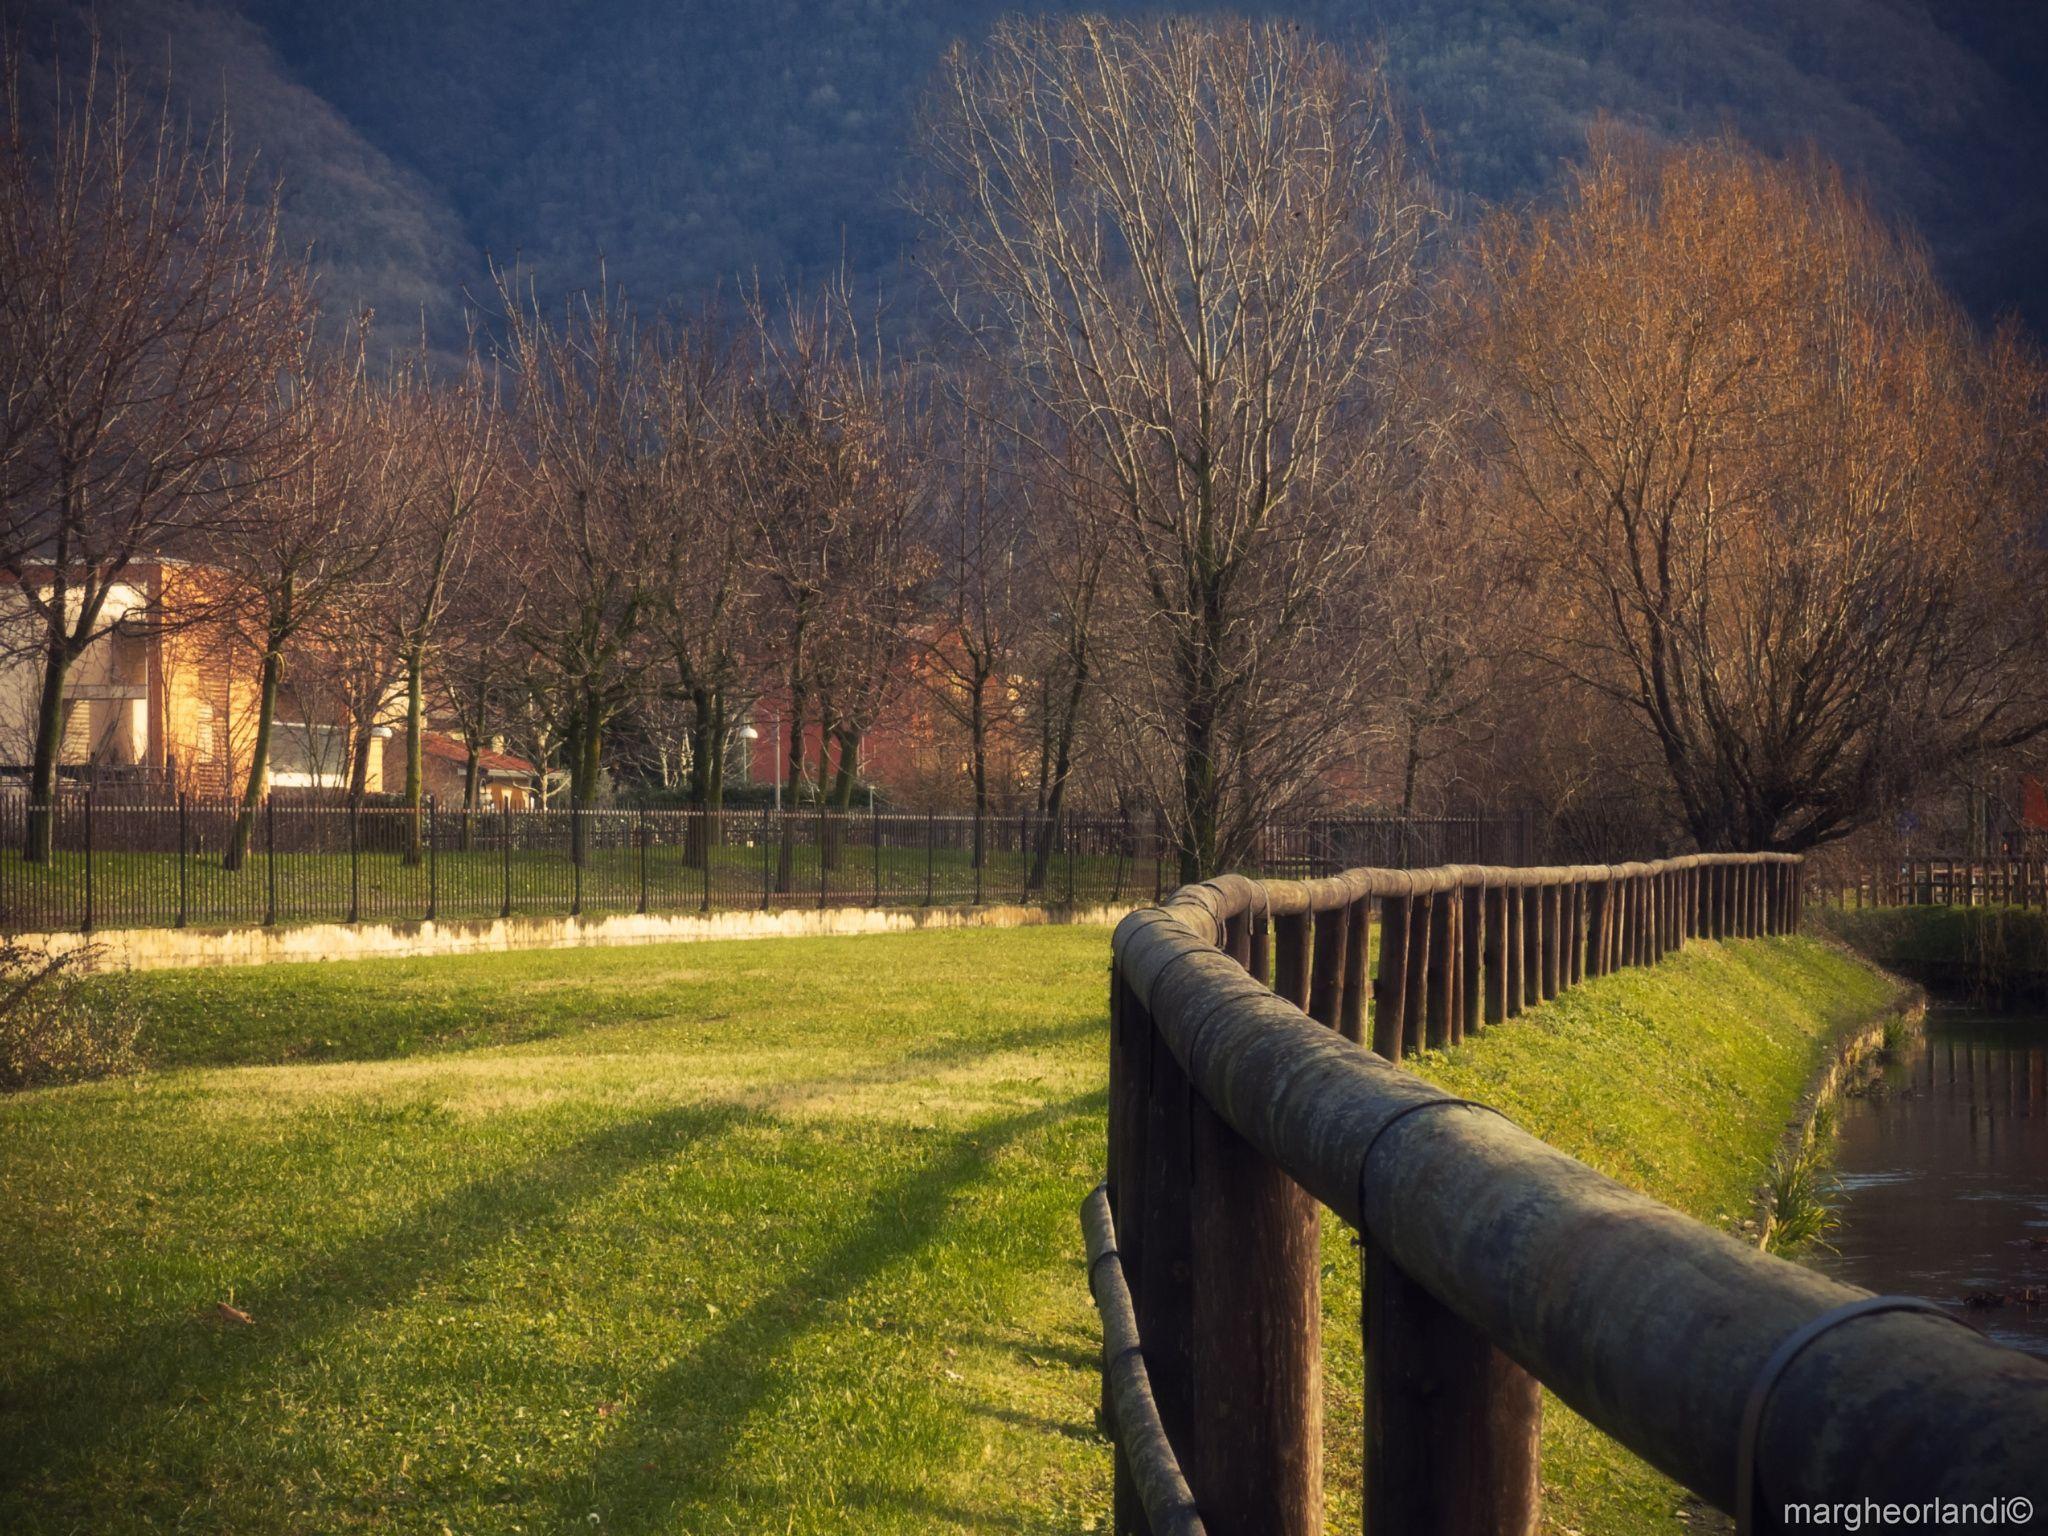 Autumn colors - Landscape in Brescia (northern Italy)